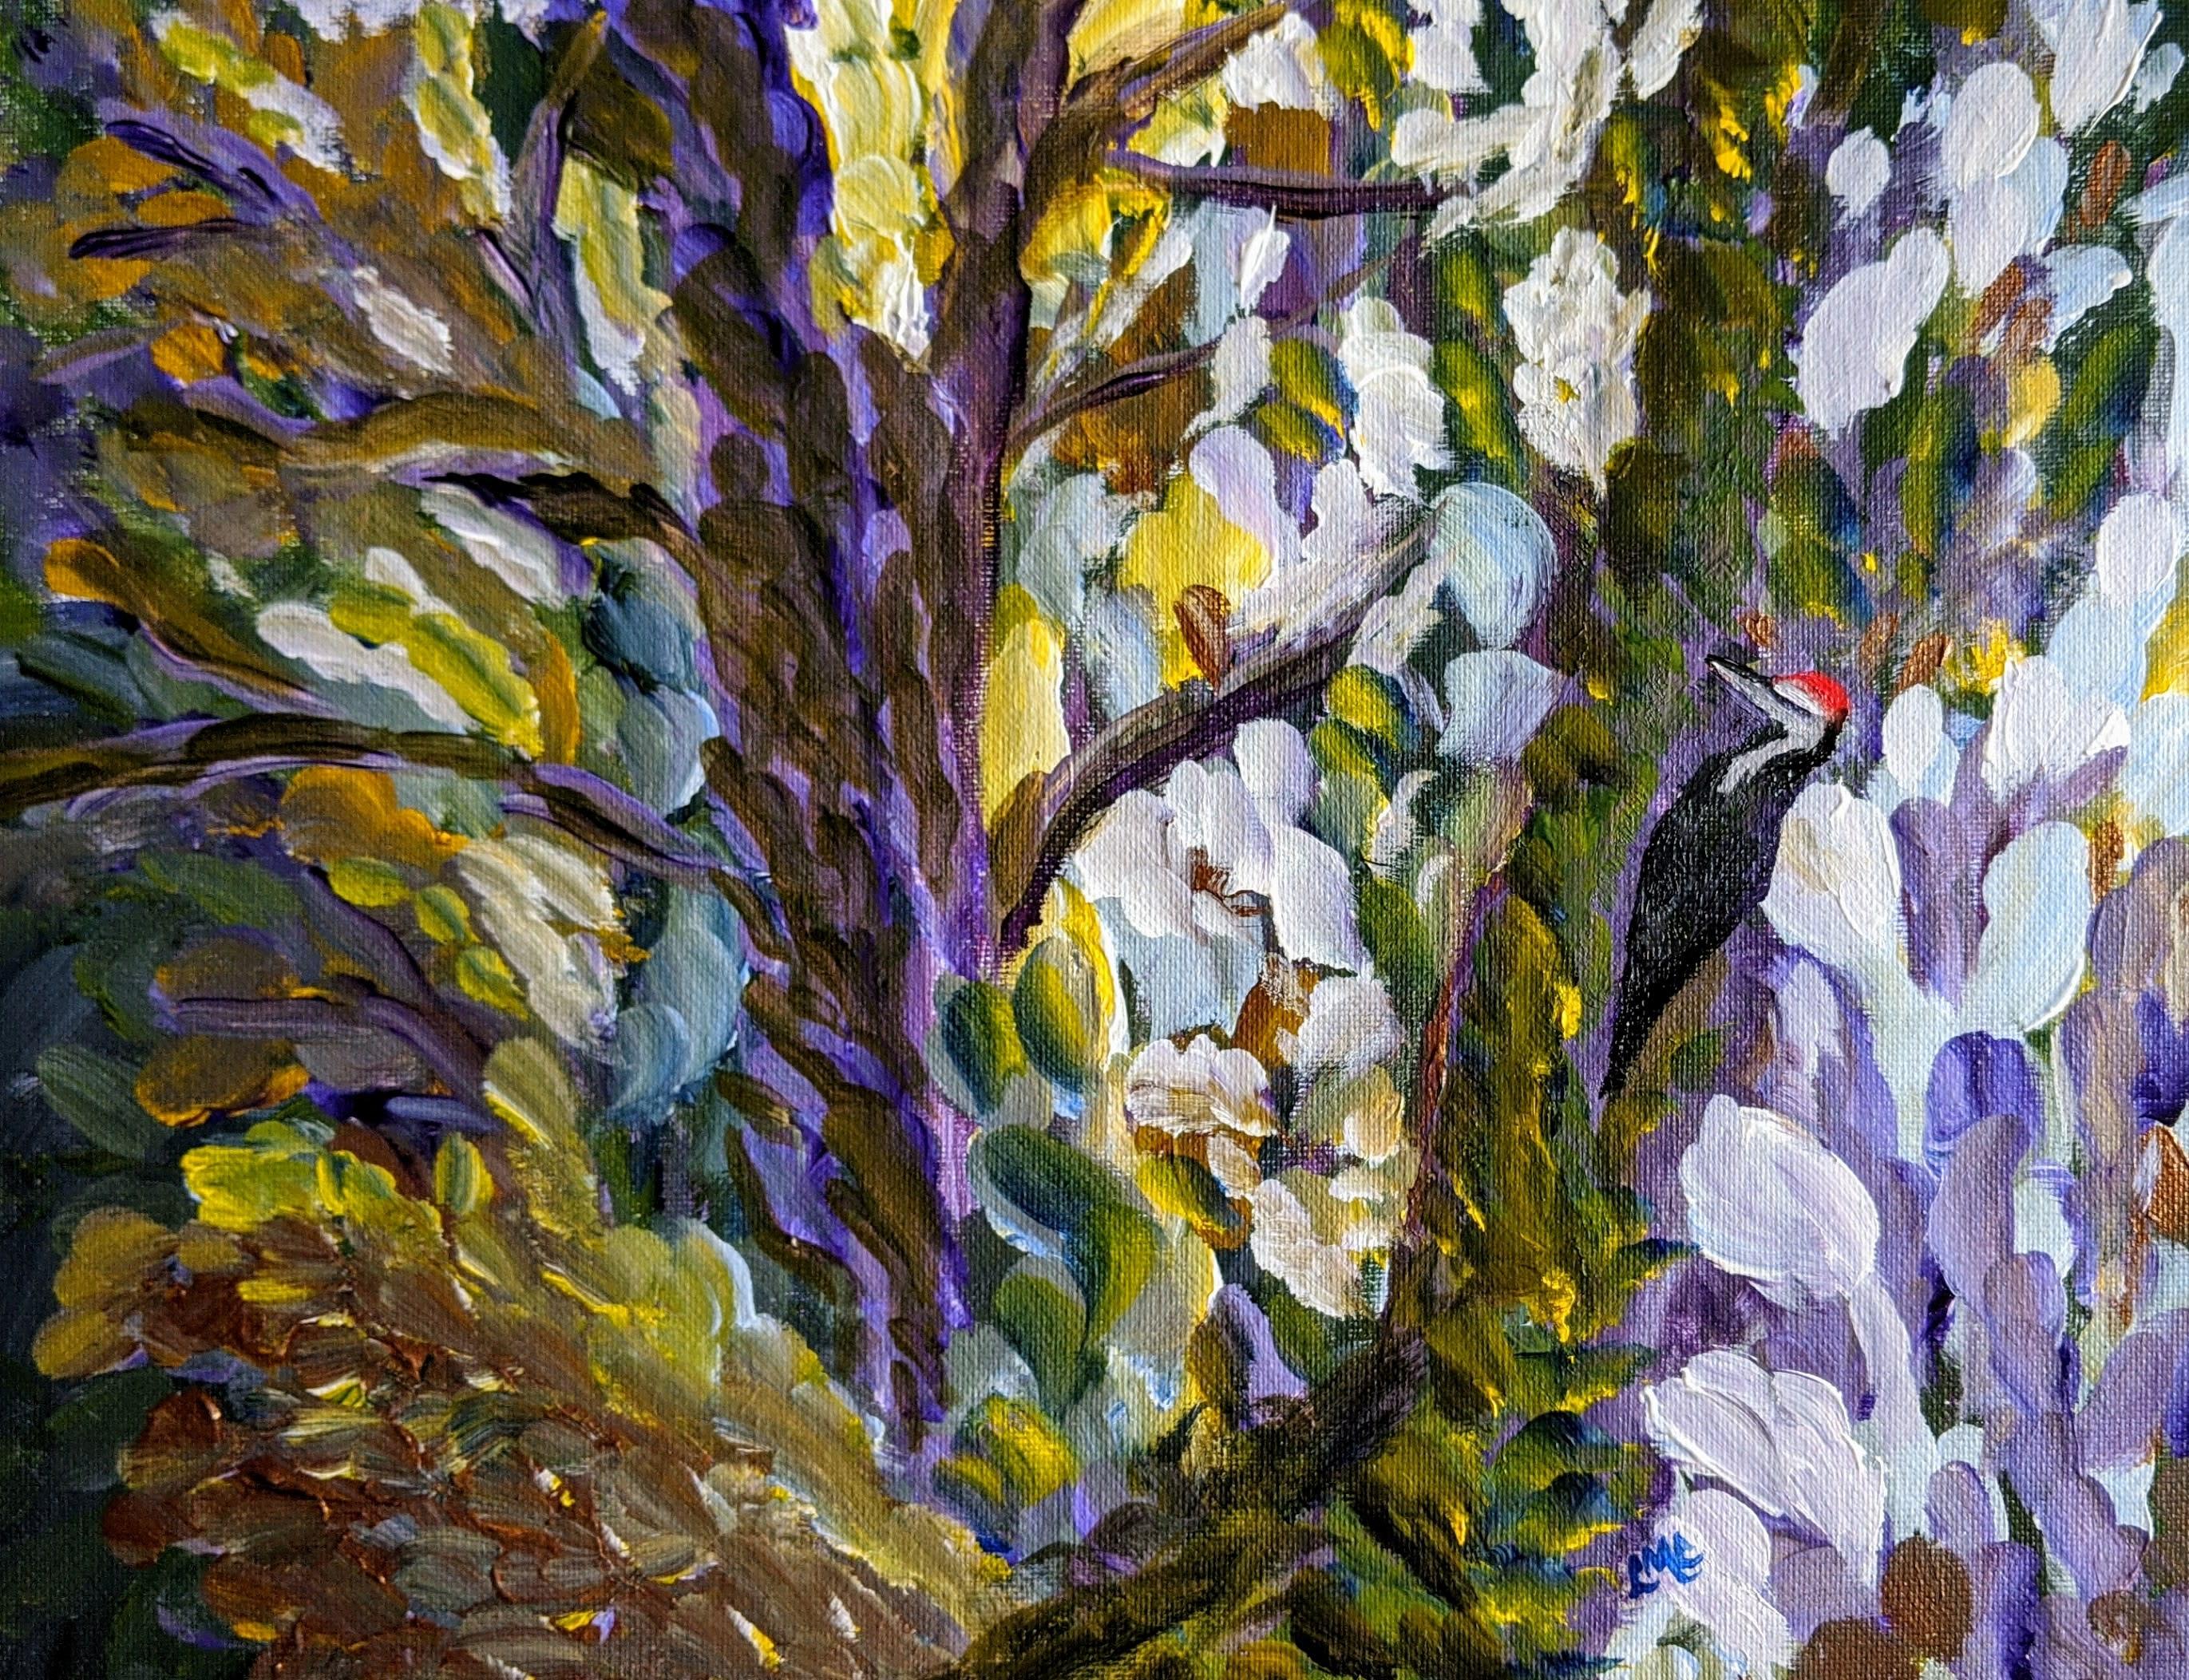 Pileatedwoodpeckintheforest hlarcz